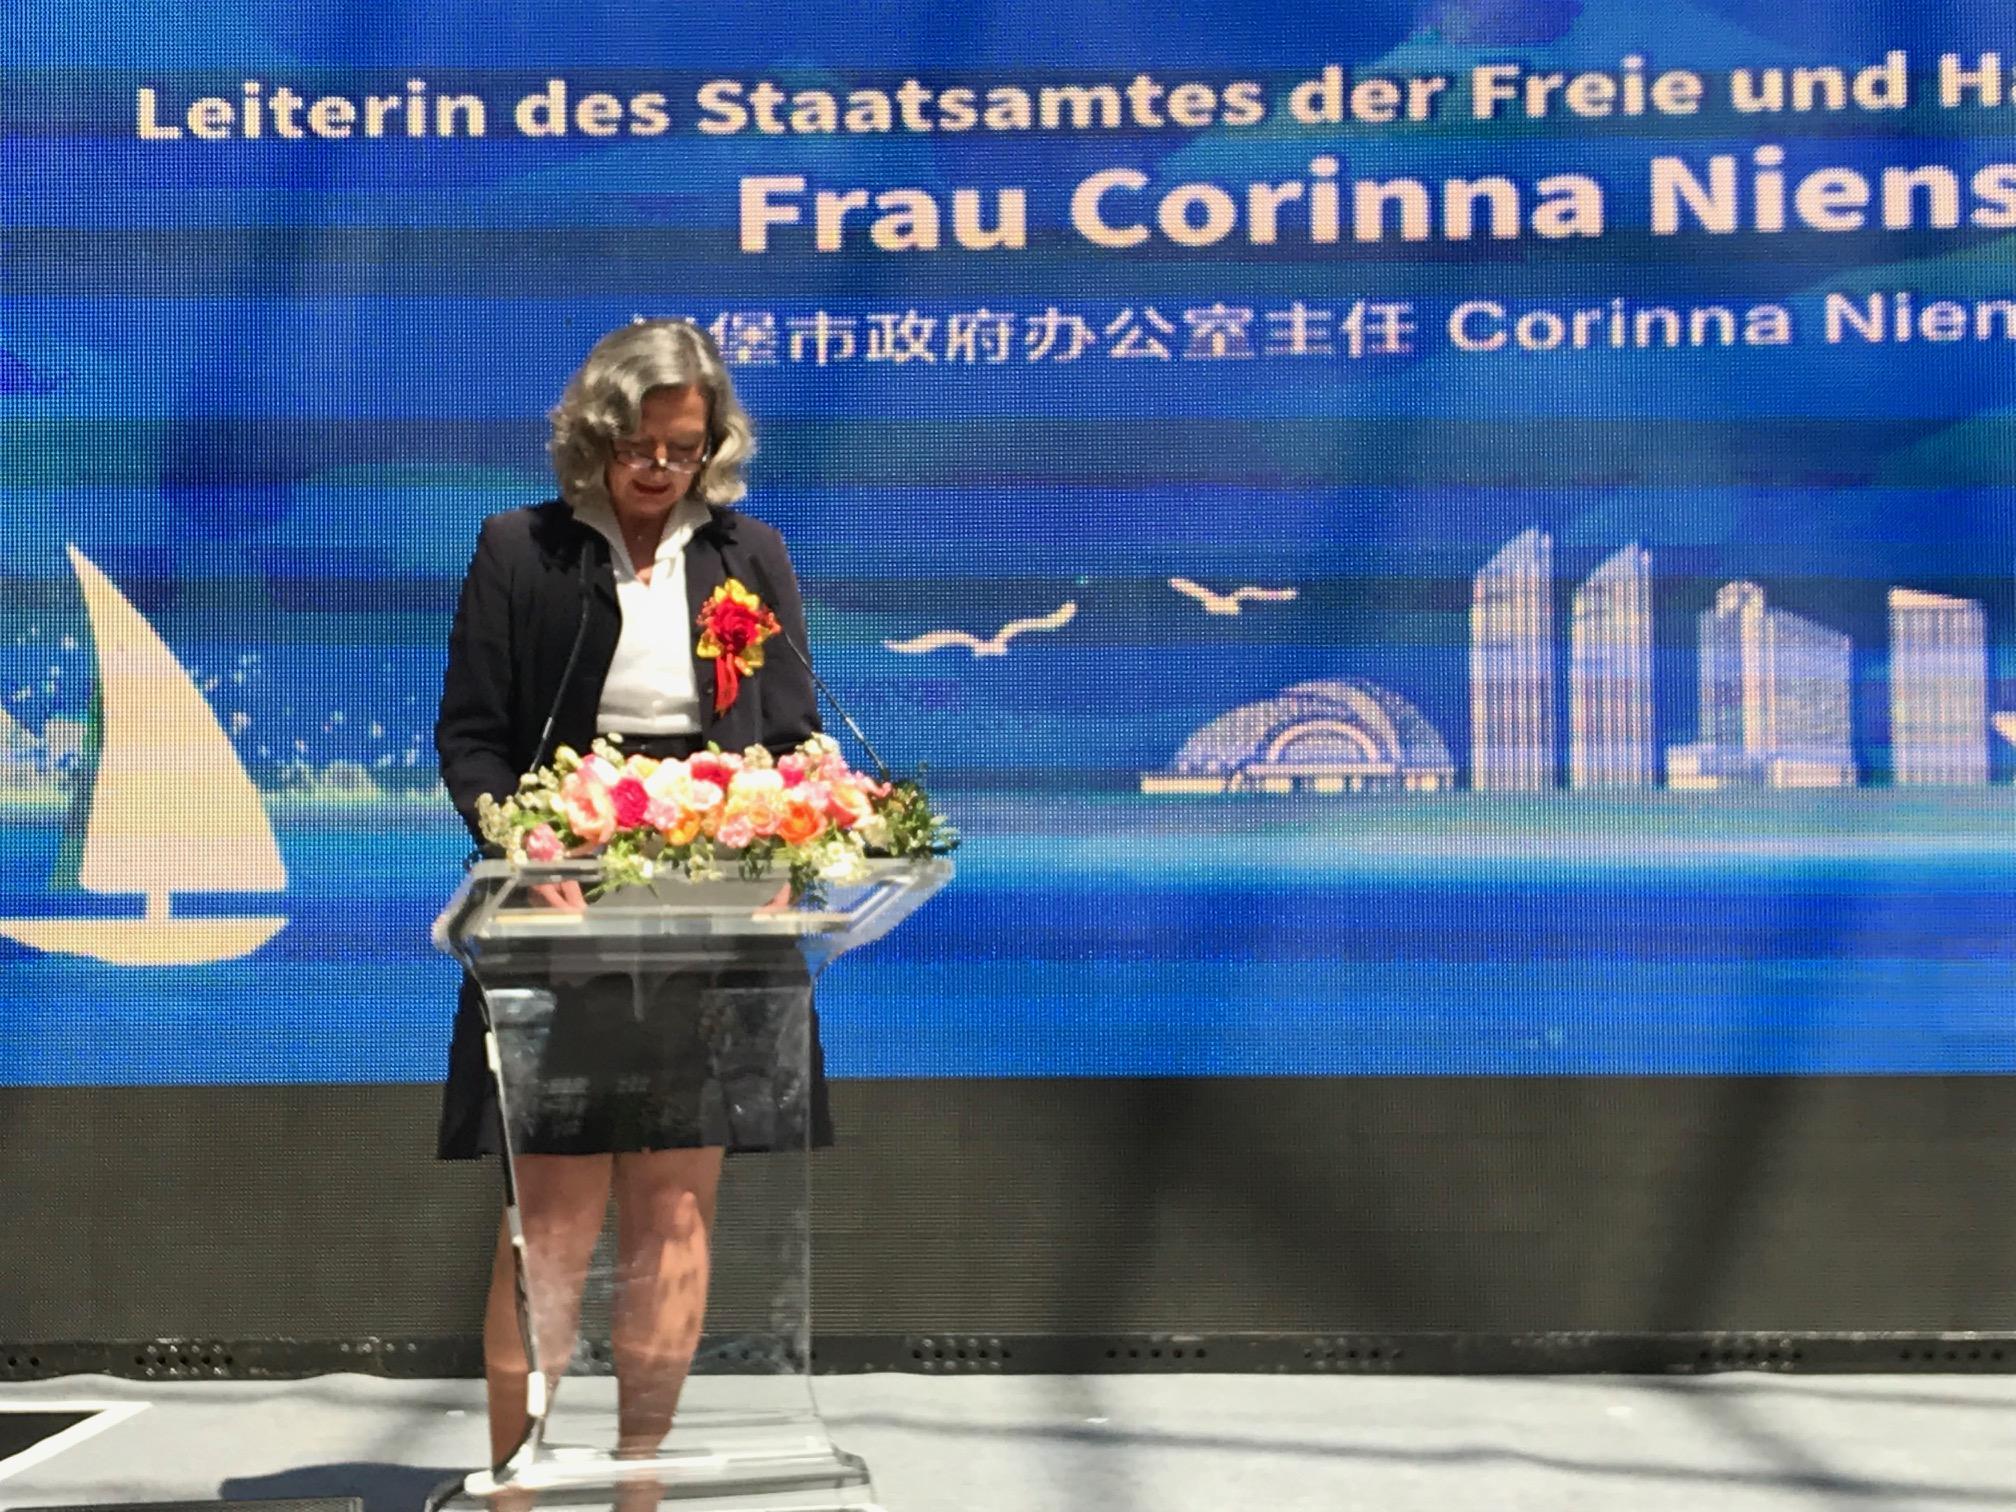 Die Leiterin des Staatsamtes, Corinna Nienstedt, betont die großen Gemeinsamkeiten zwischen Hamburg und Qingdao